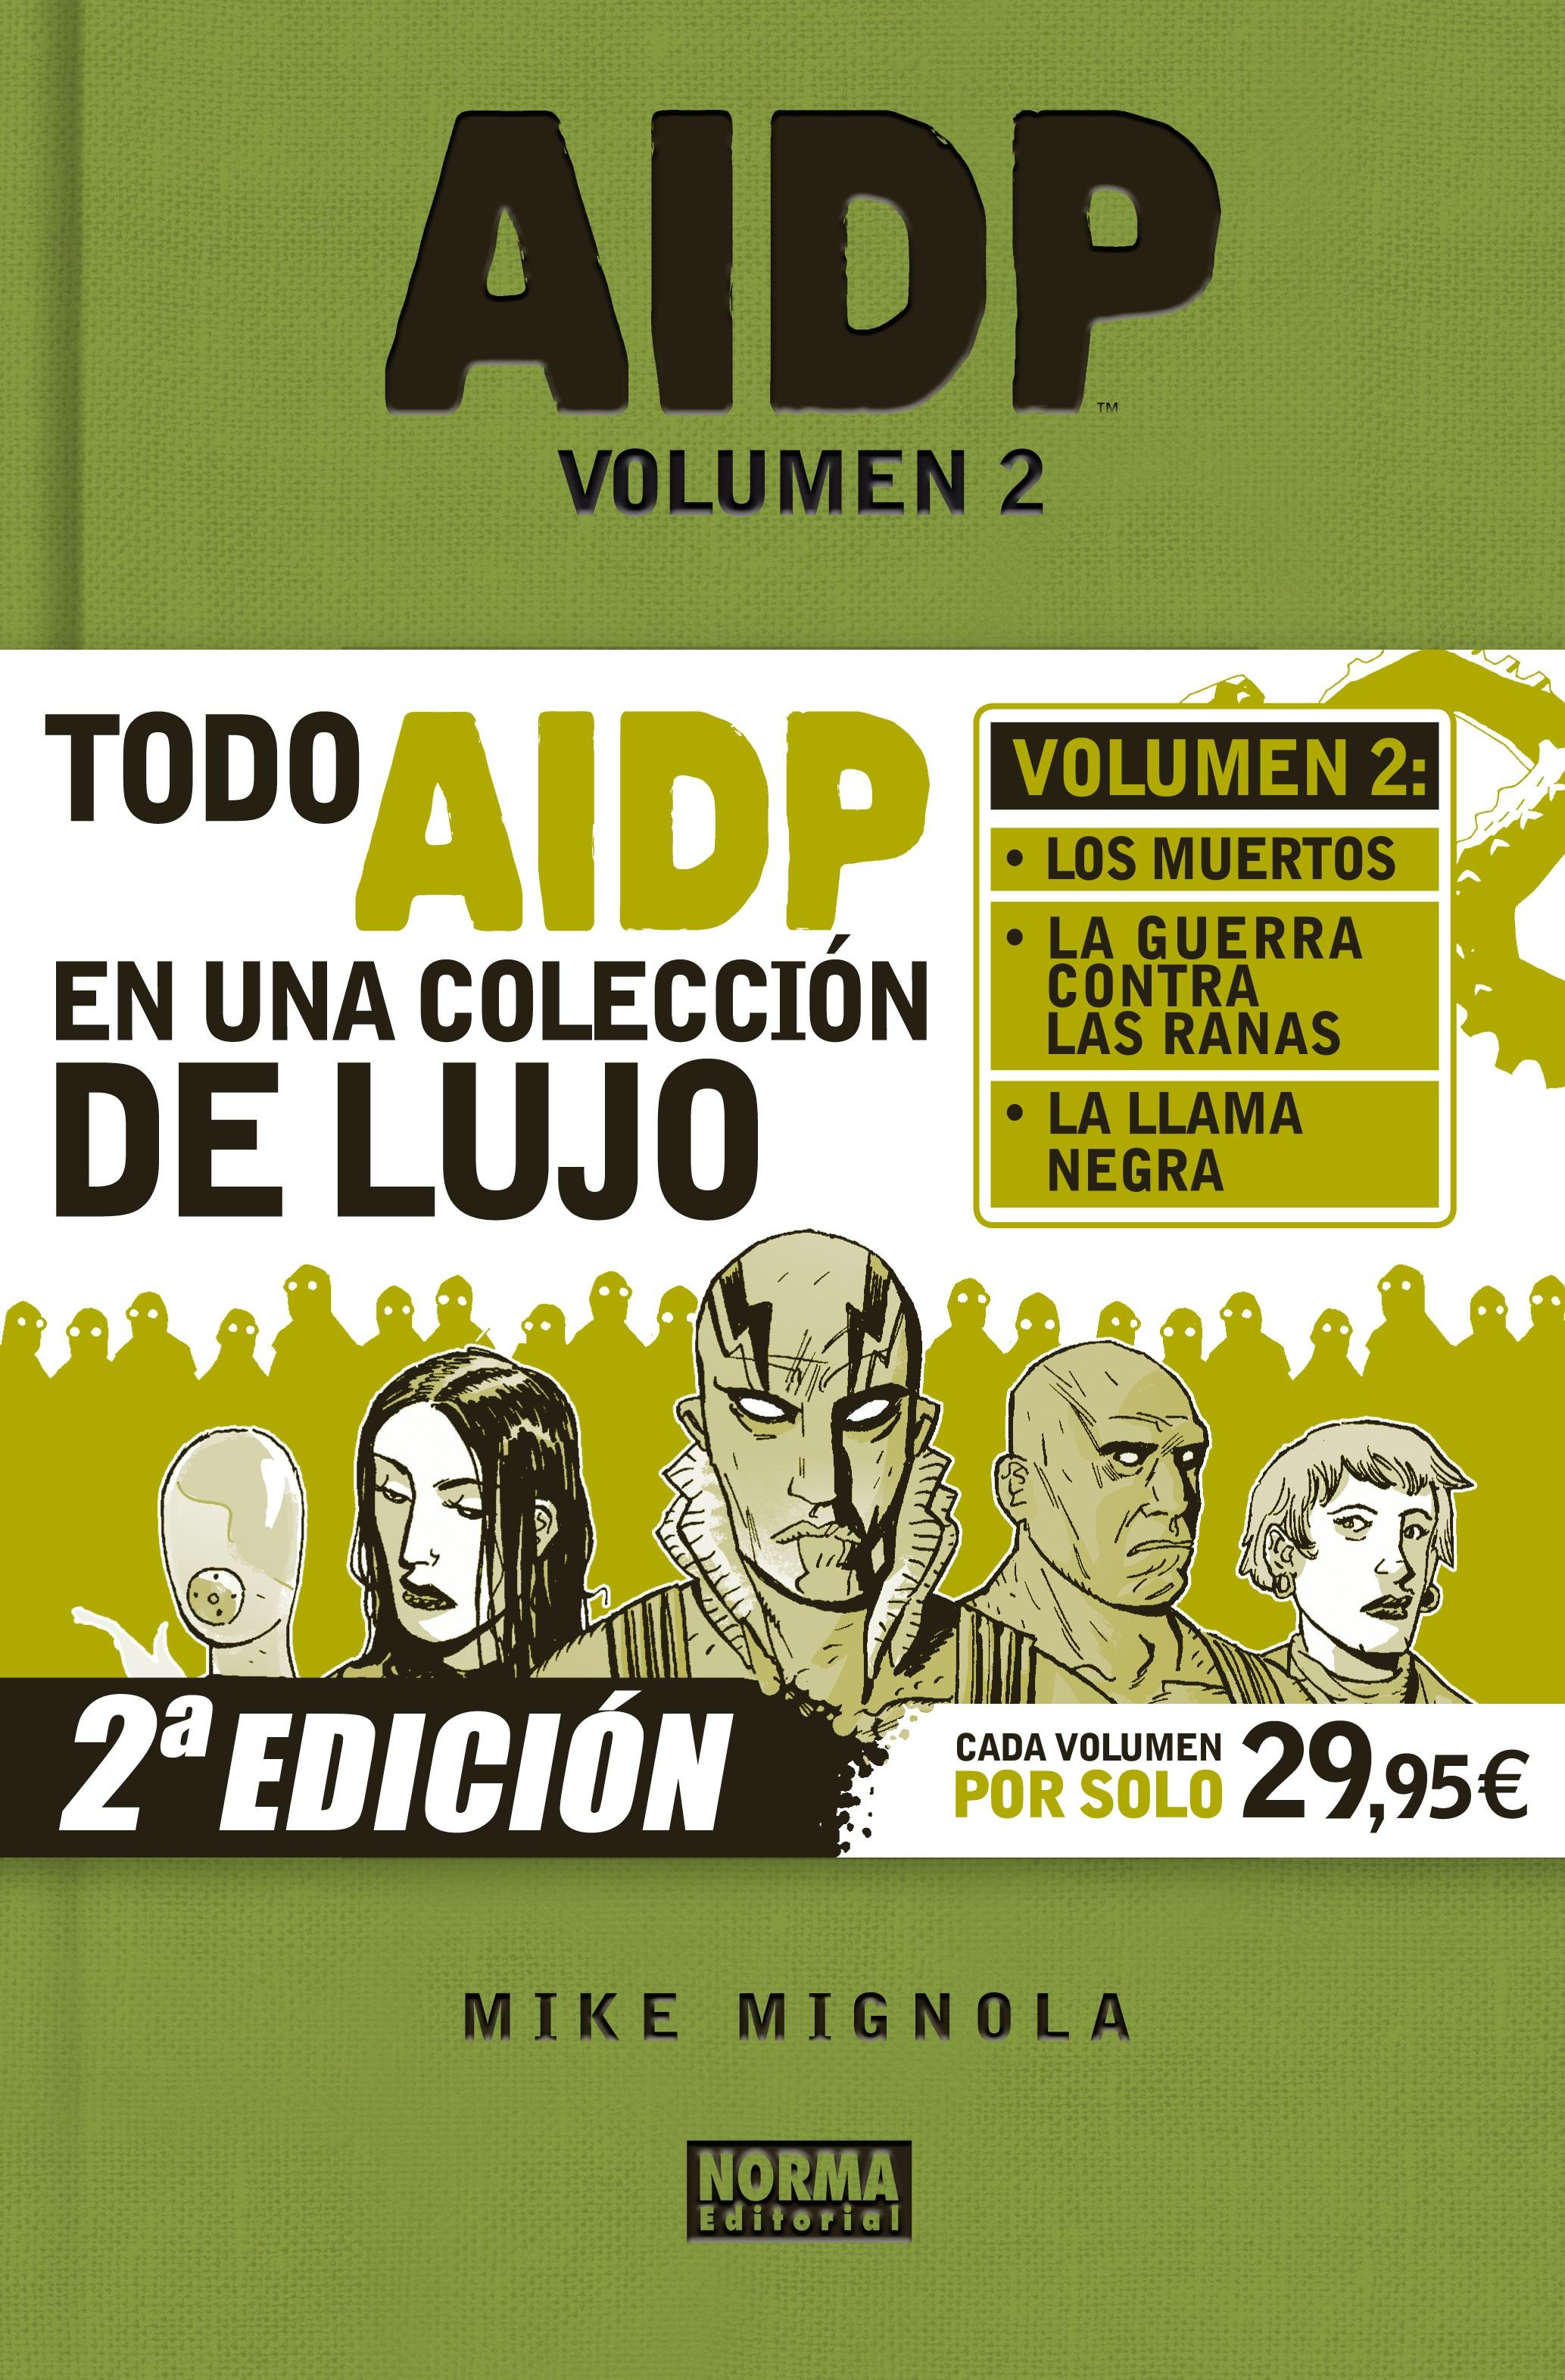 COVER AIDP INTEGRAL 02 CON FAJA